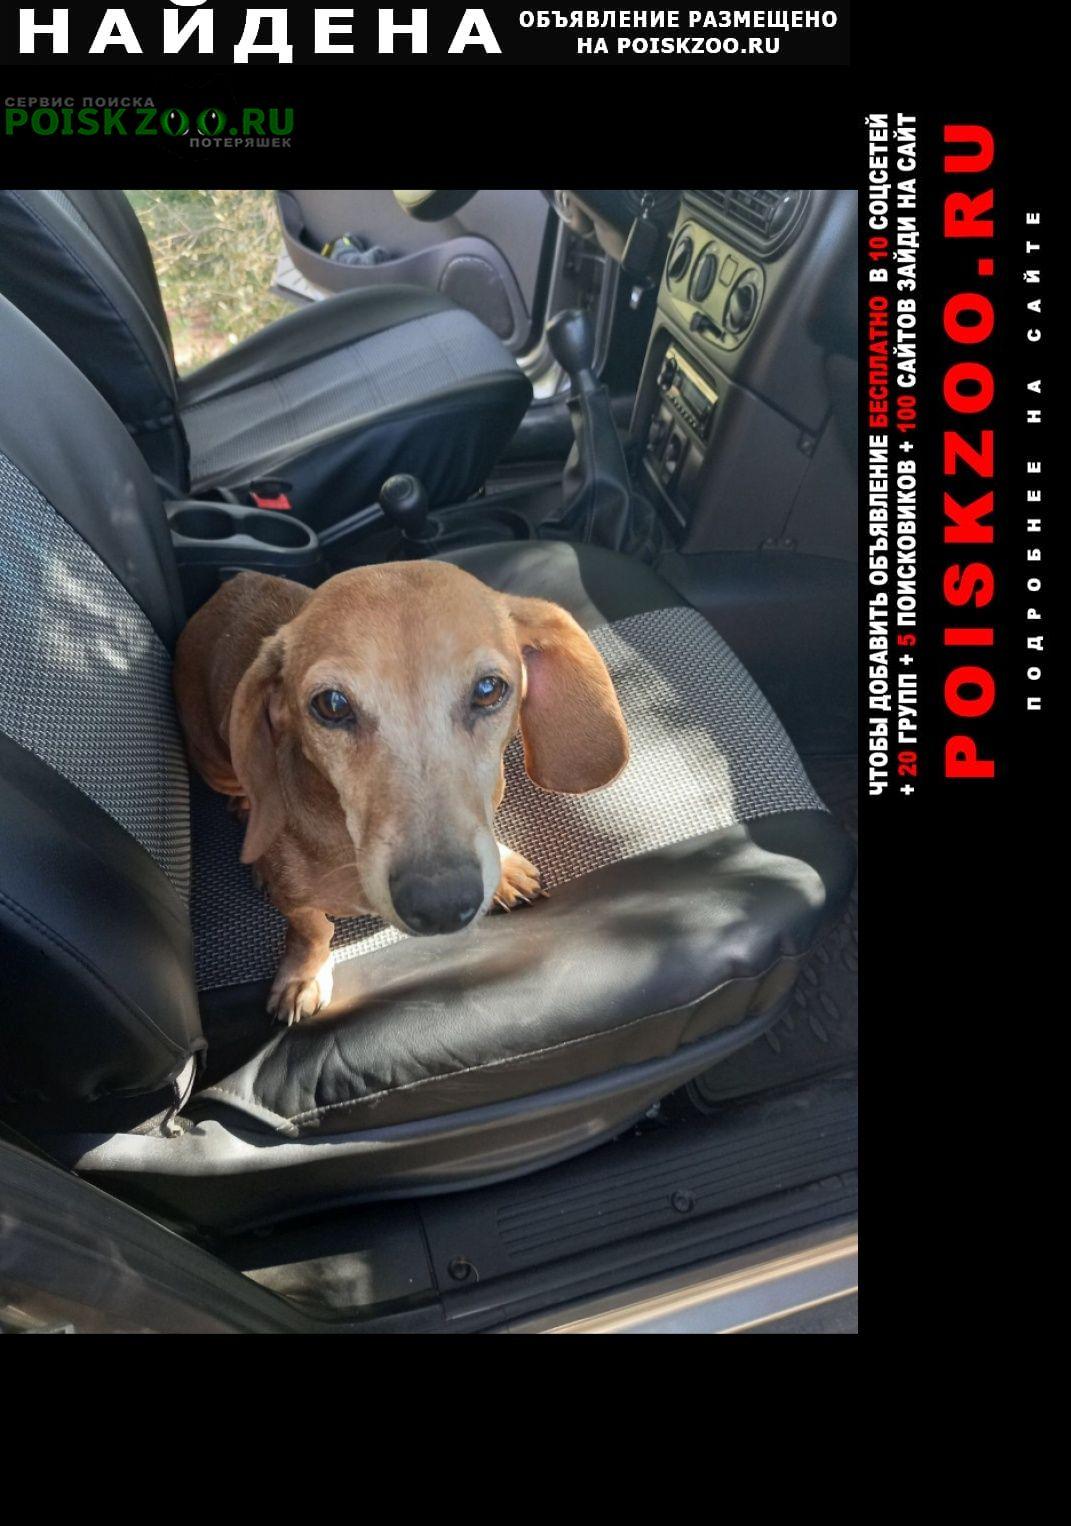 Найдена собака такса Оренбург